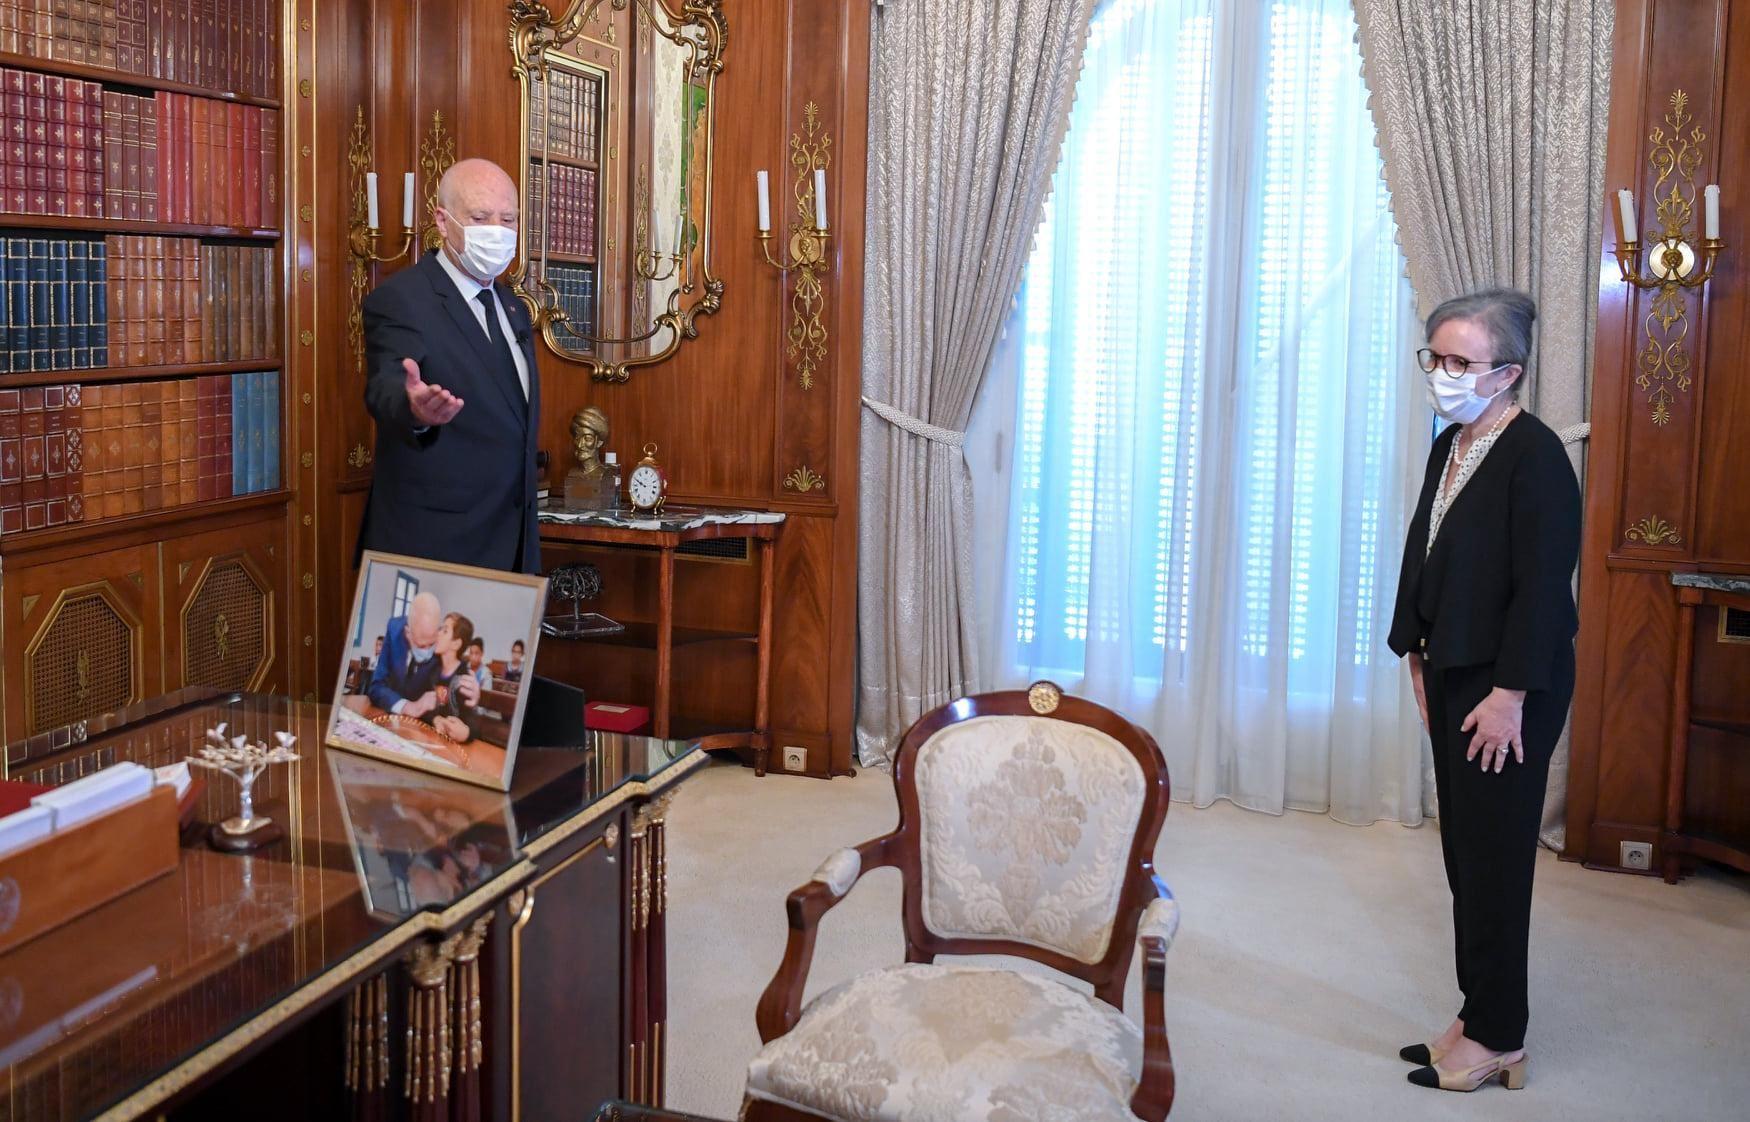 الرئيس التونسي قيس سعيد يحذّر من التدخل الأجنبي